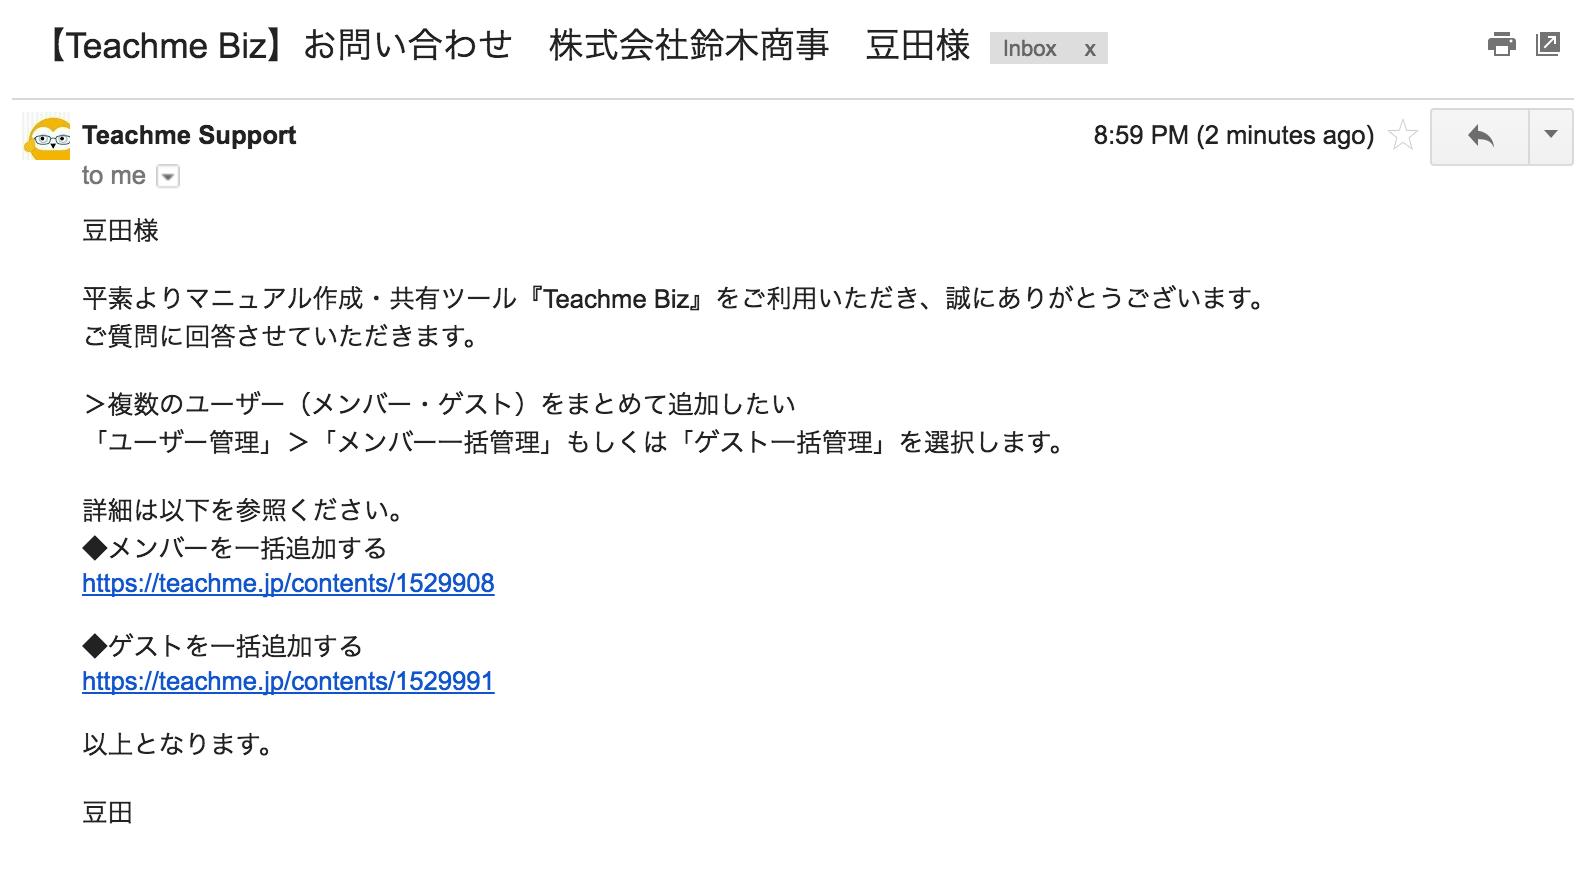 カスタマーサポートメール